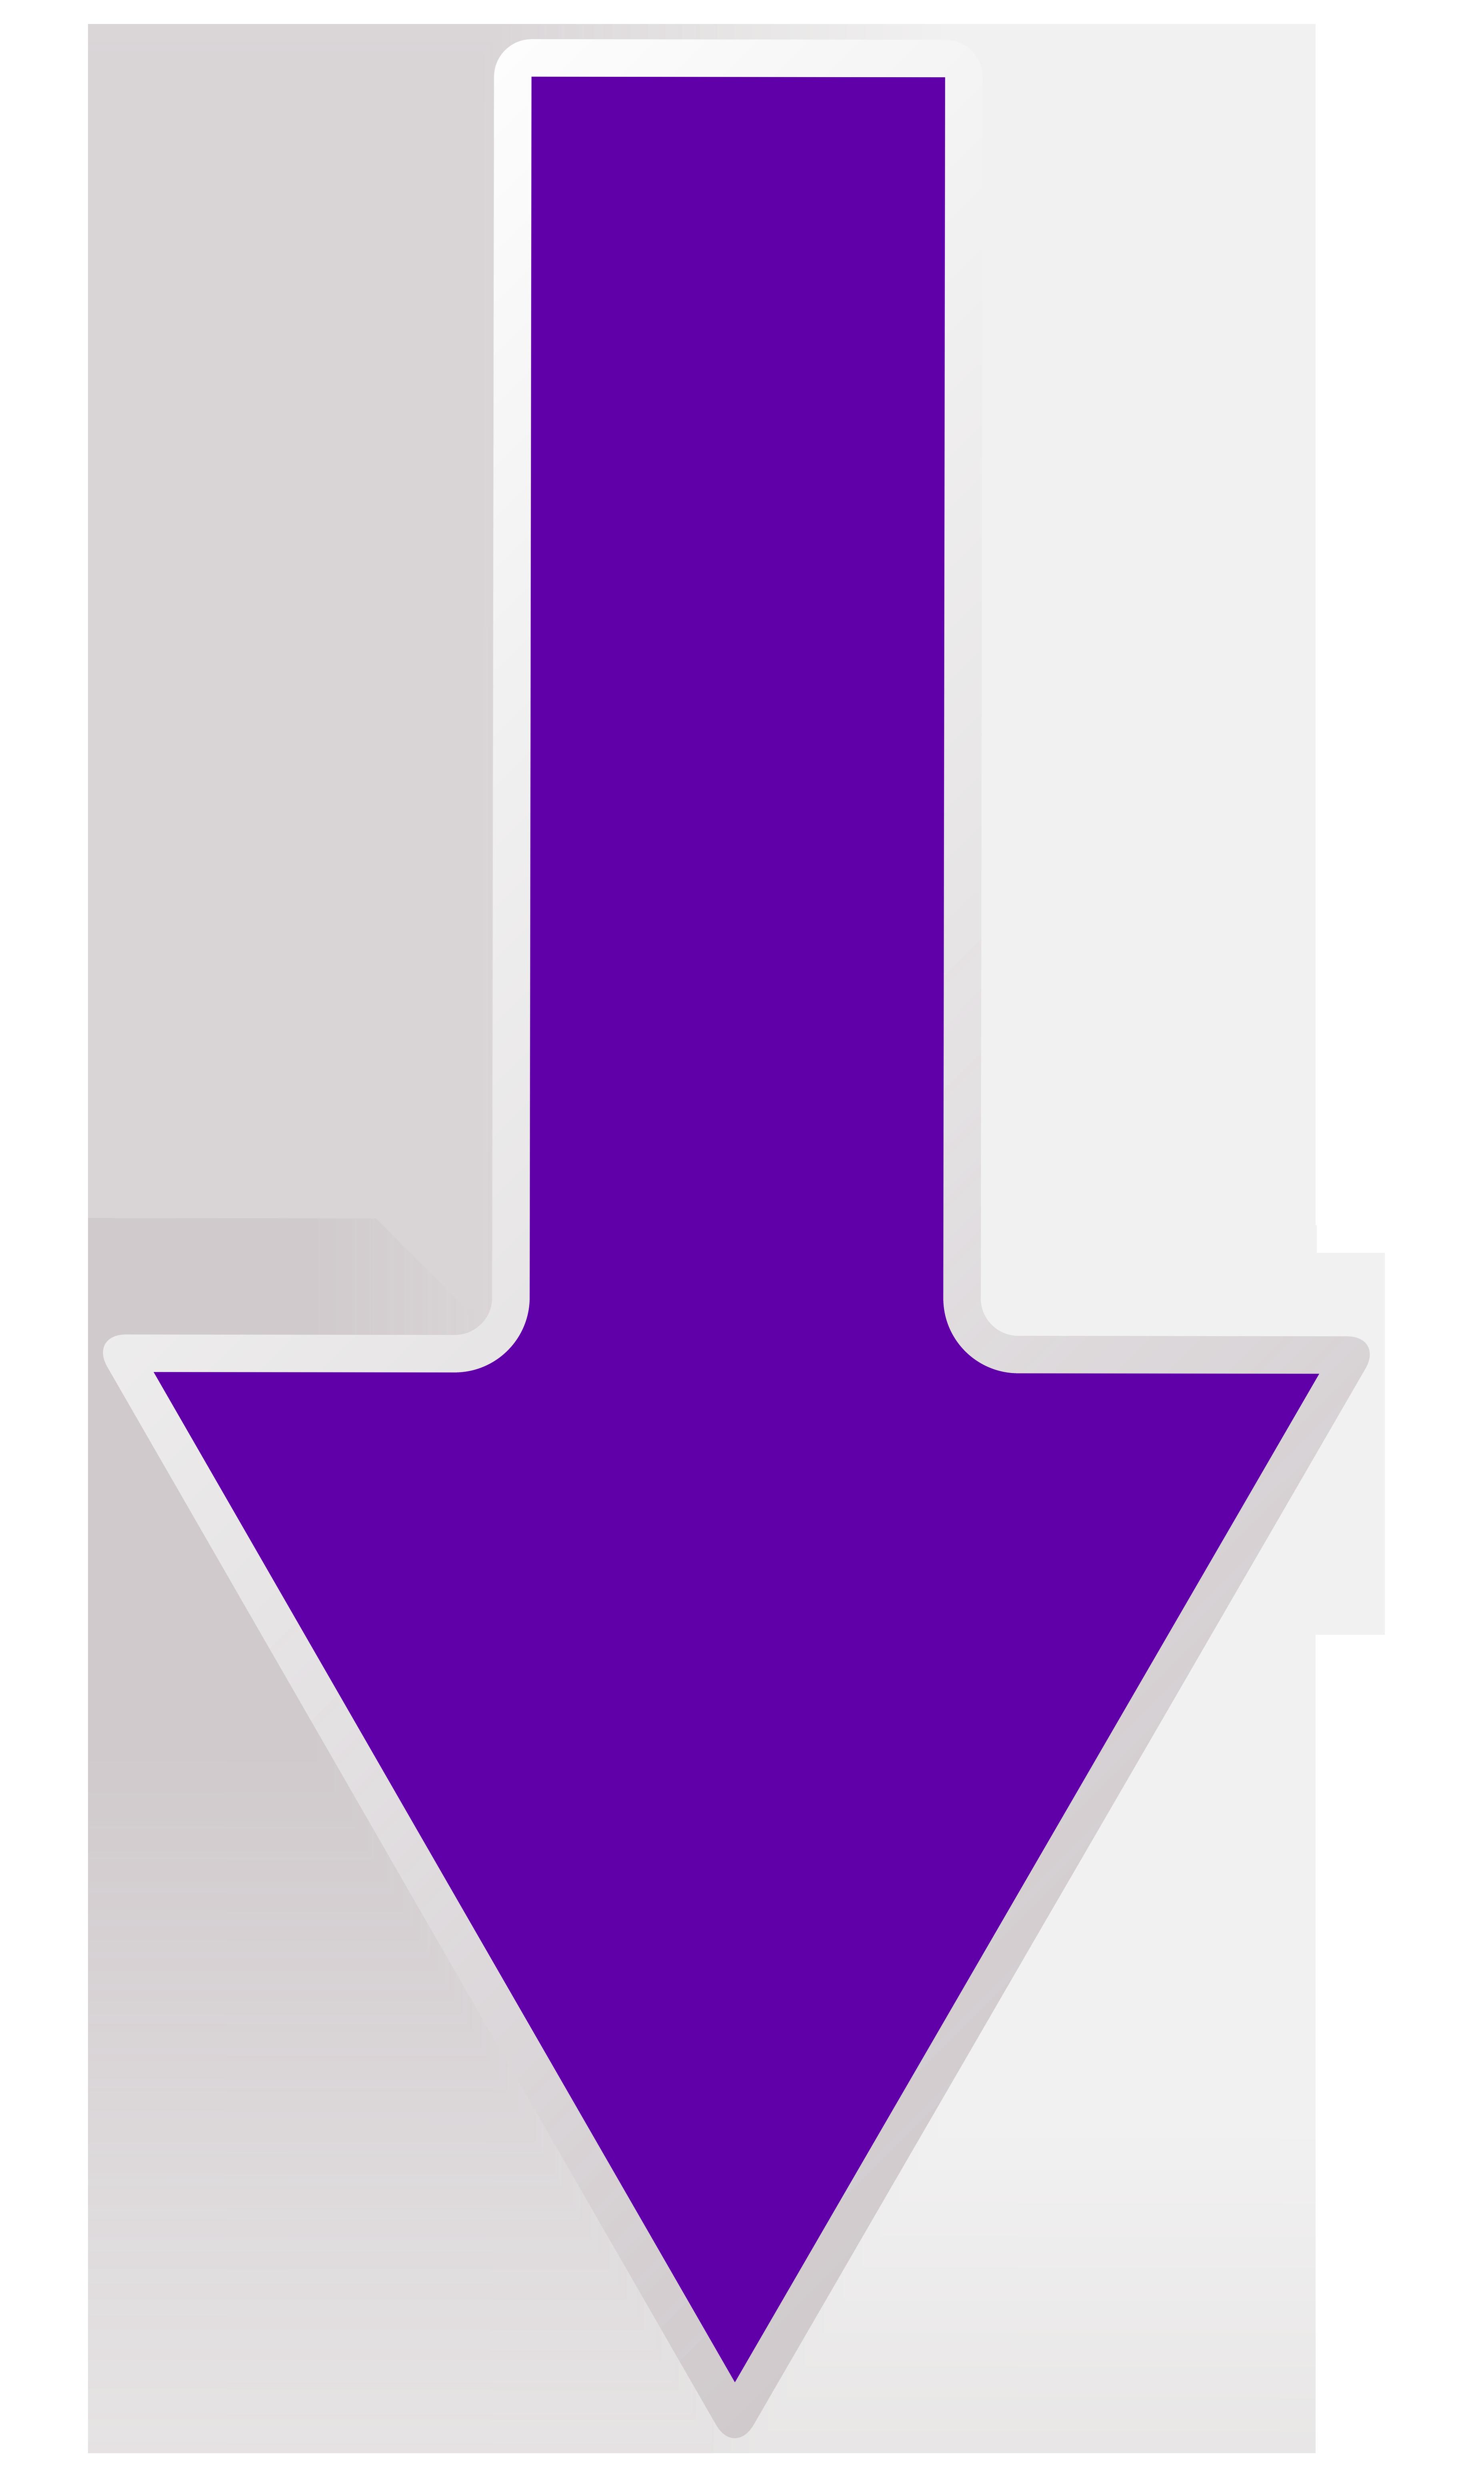 Arrow Purple Down Transparent PNG Clip Art Image.